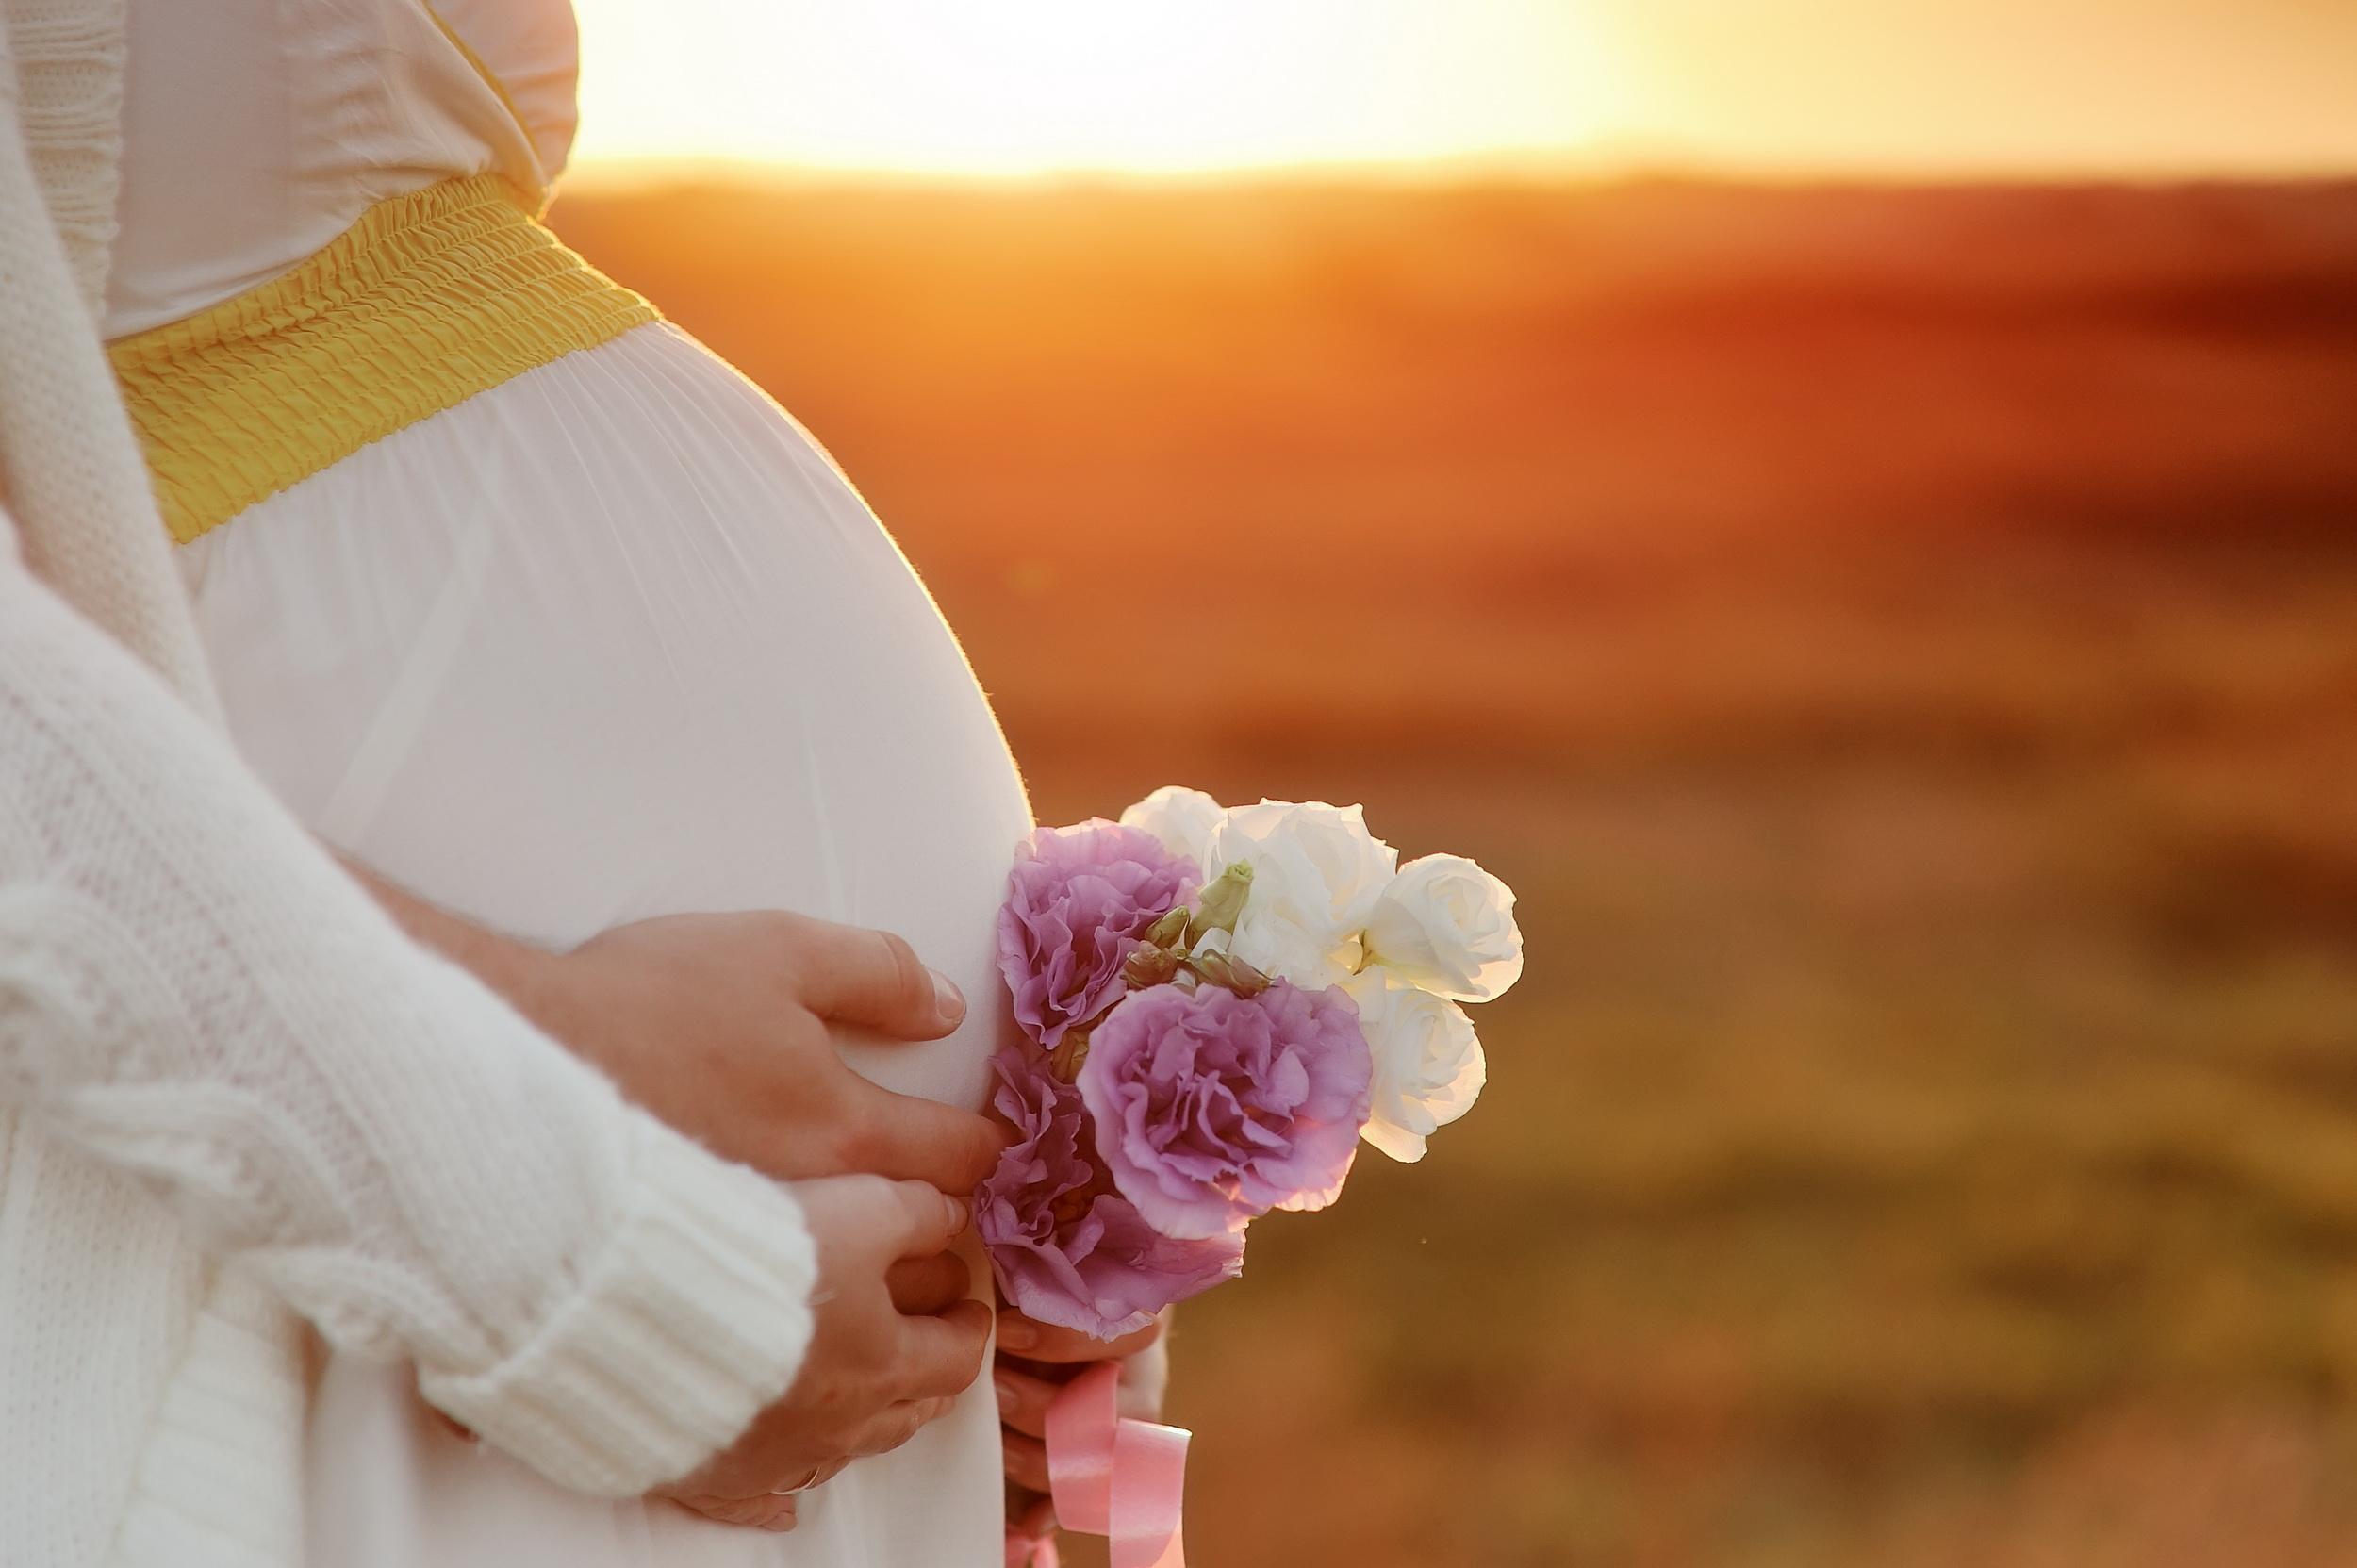 草果孕妇能吃吗